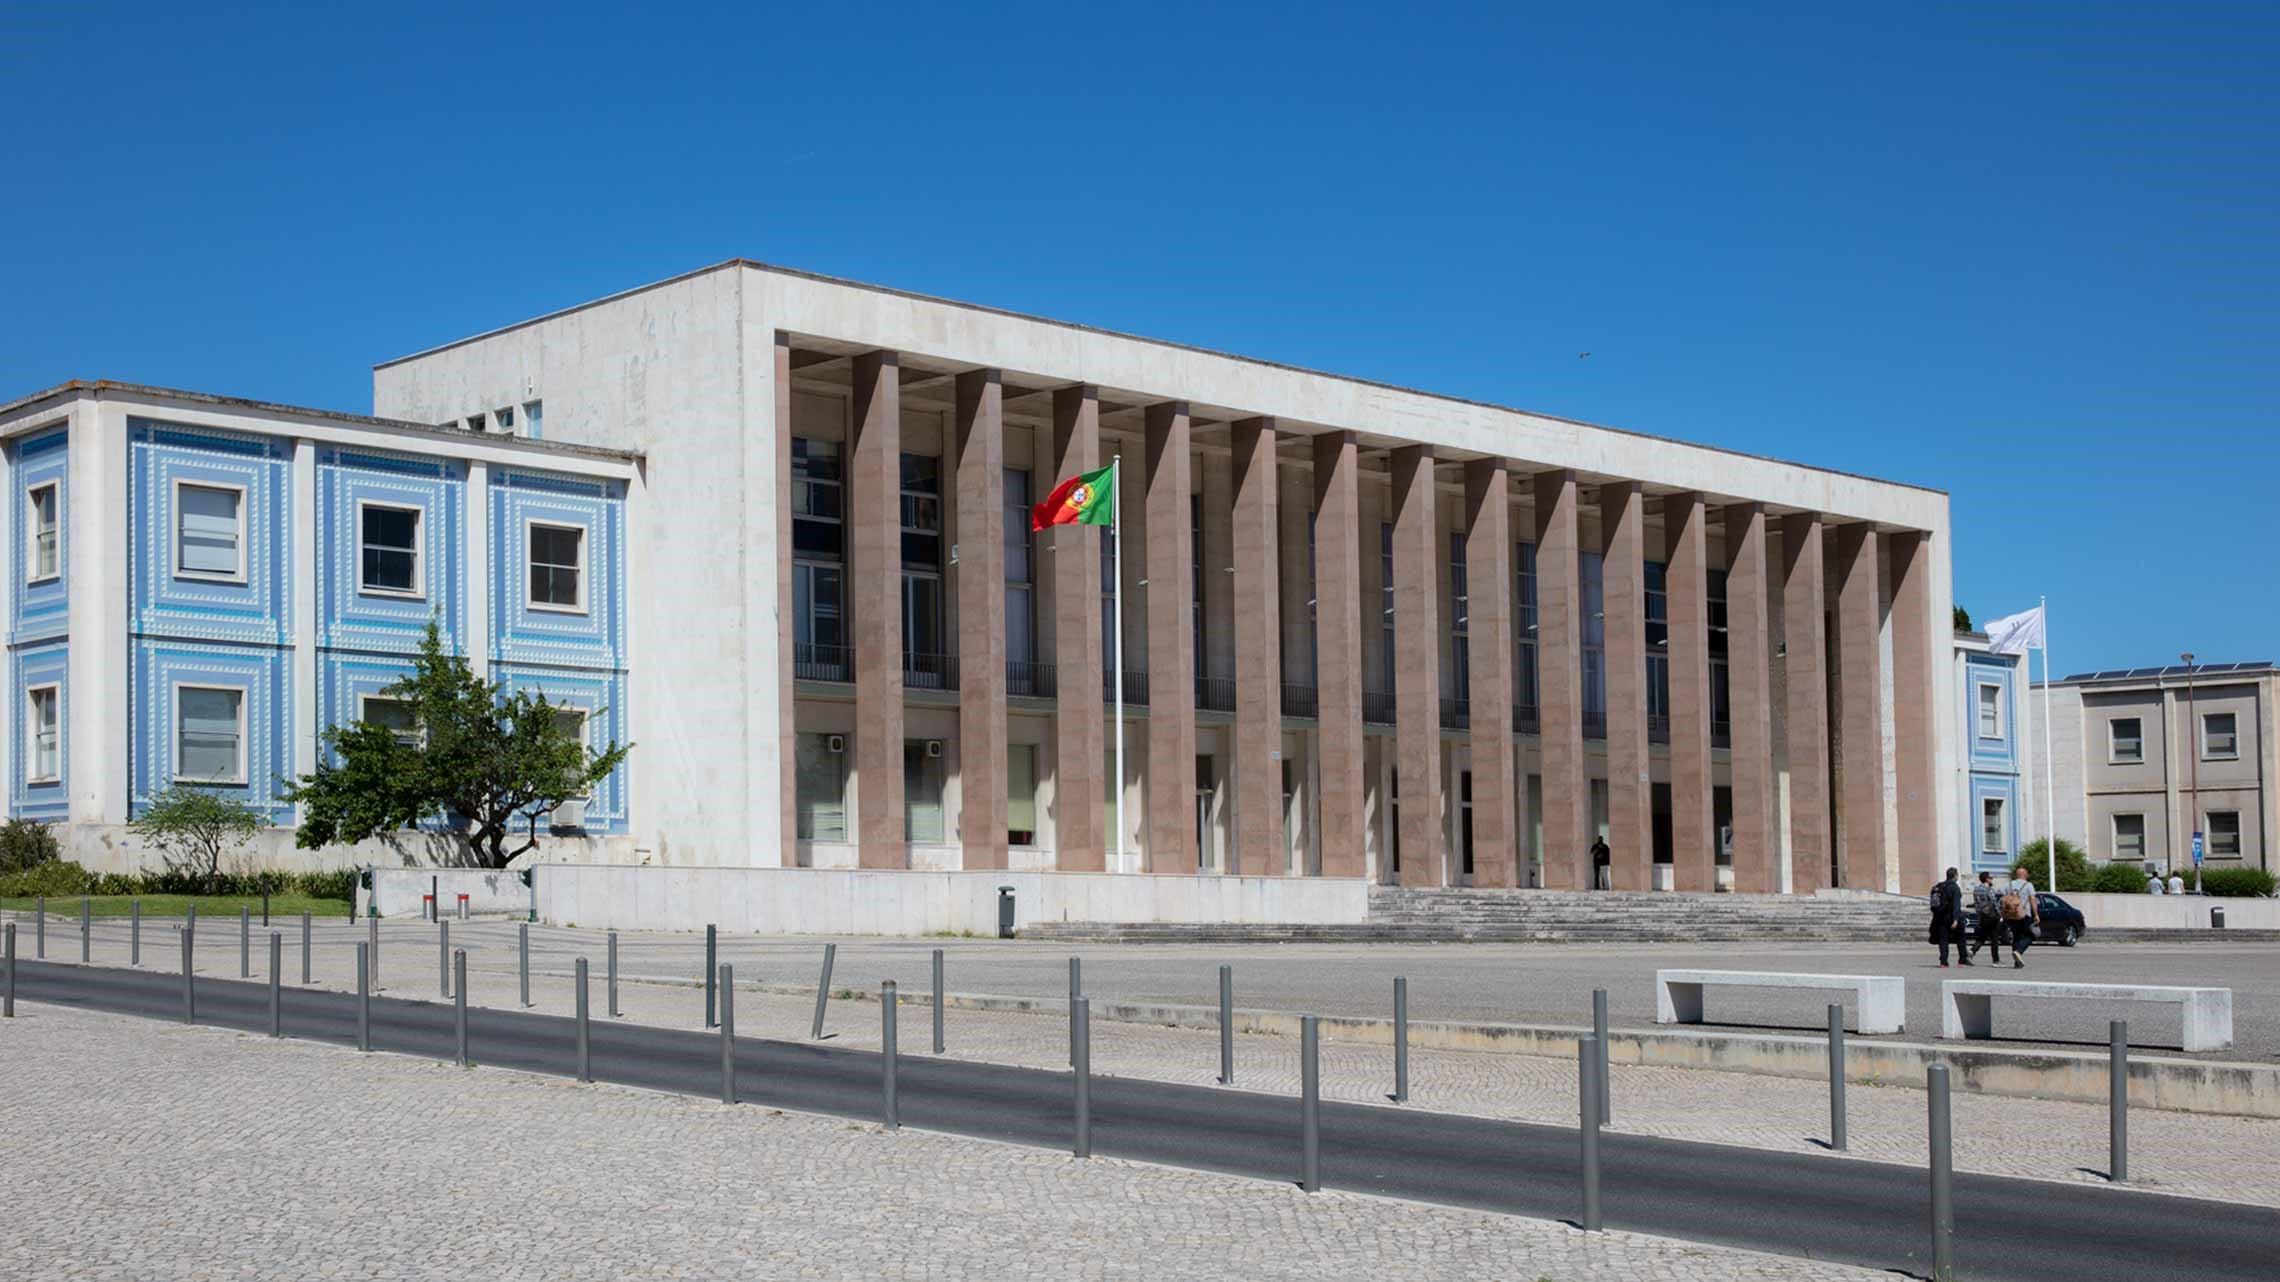 Πανεπιστήμιο της Λισαβόνας (Universidade de Lisboa)